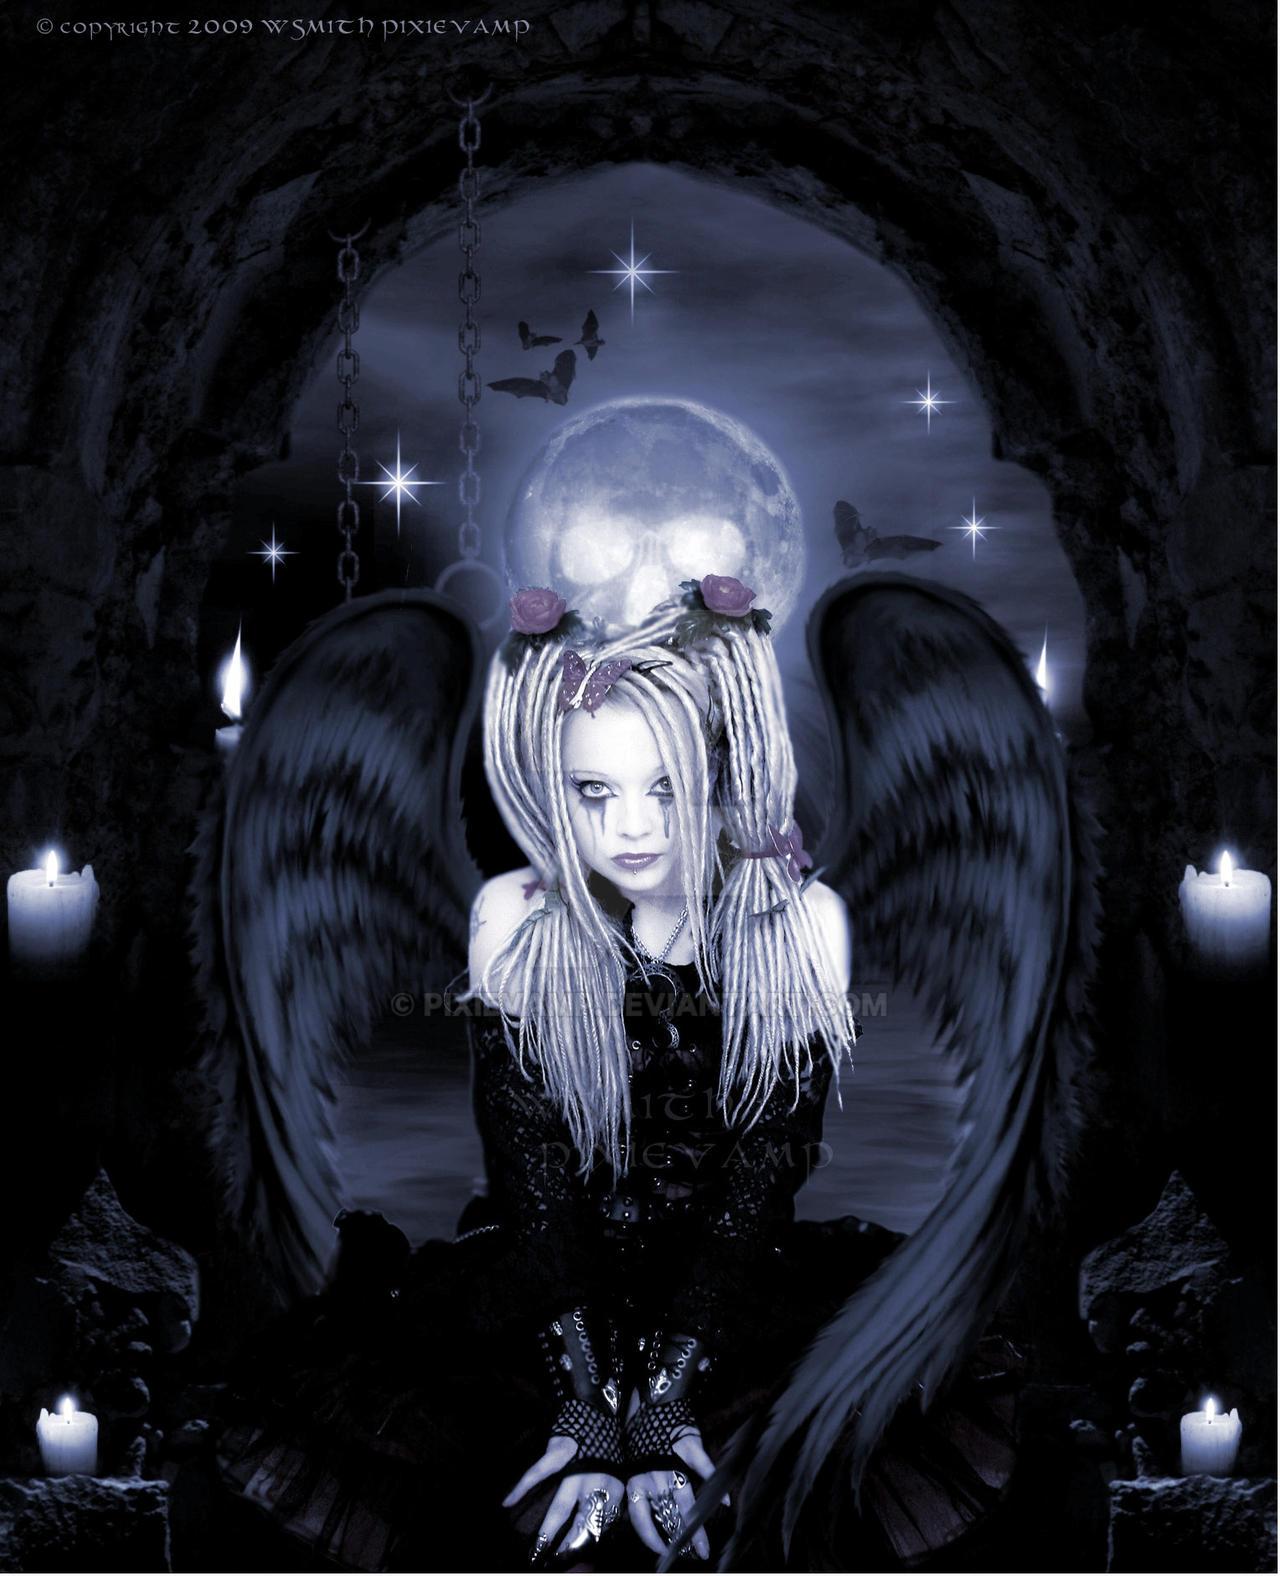 Gothic angel by pixievamp on deviantart - Dark gothic angel wallpaper ...